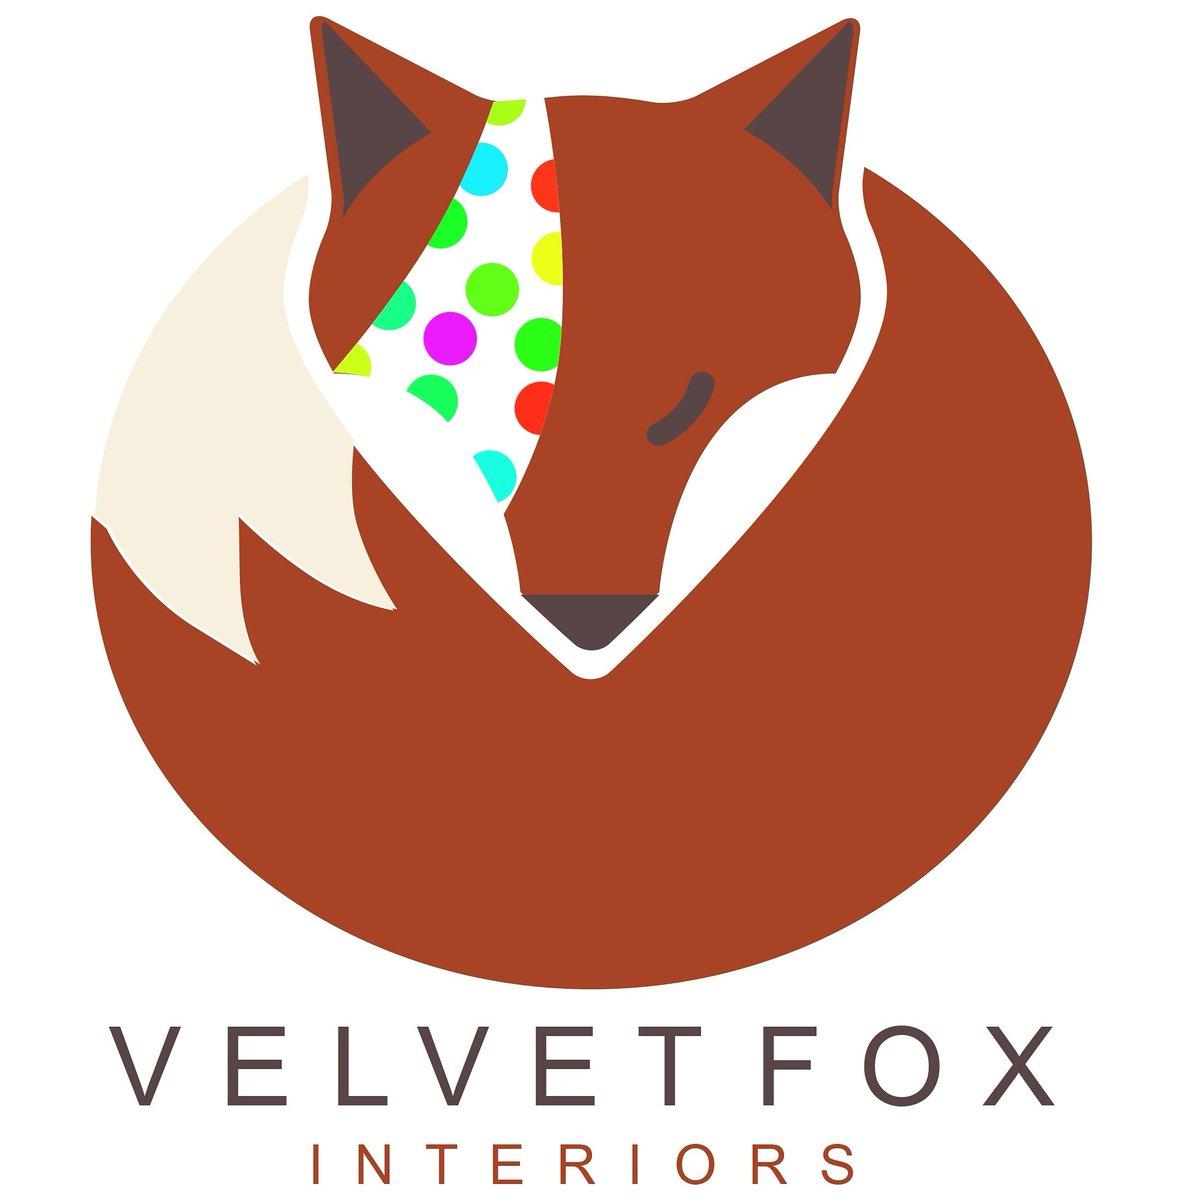 Velvet Fox Interiors (@velvetfoxint).